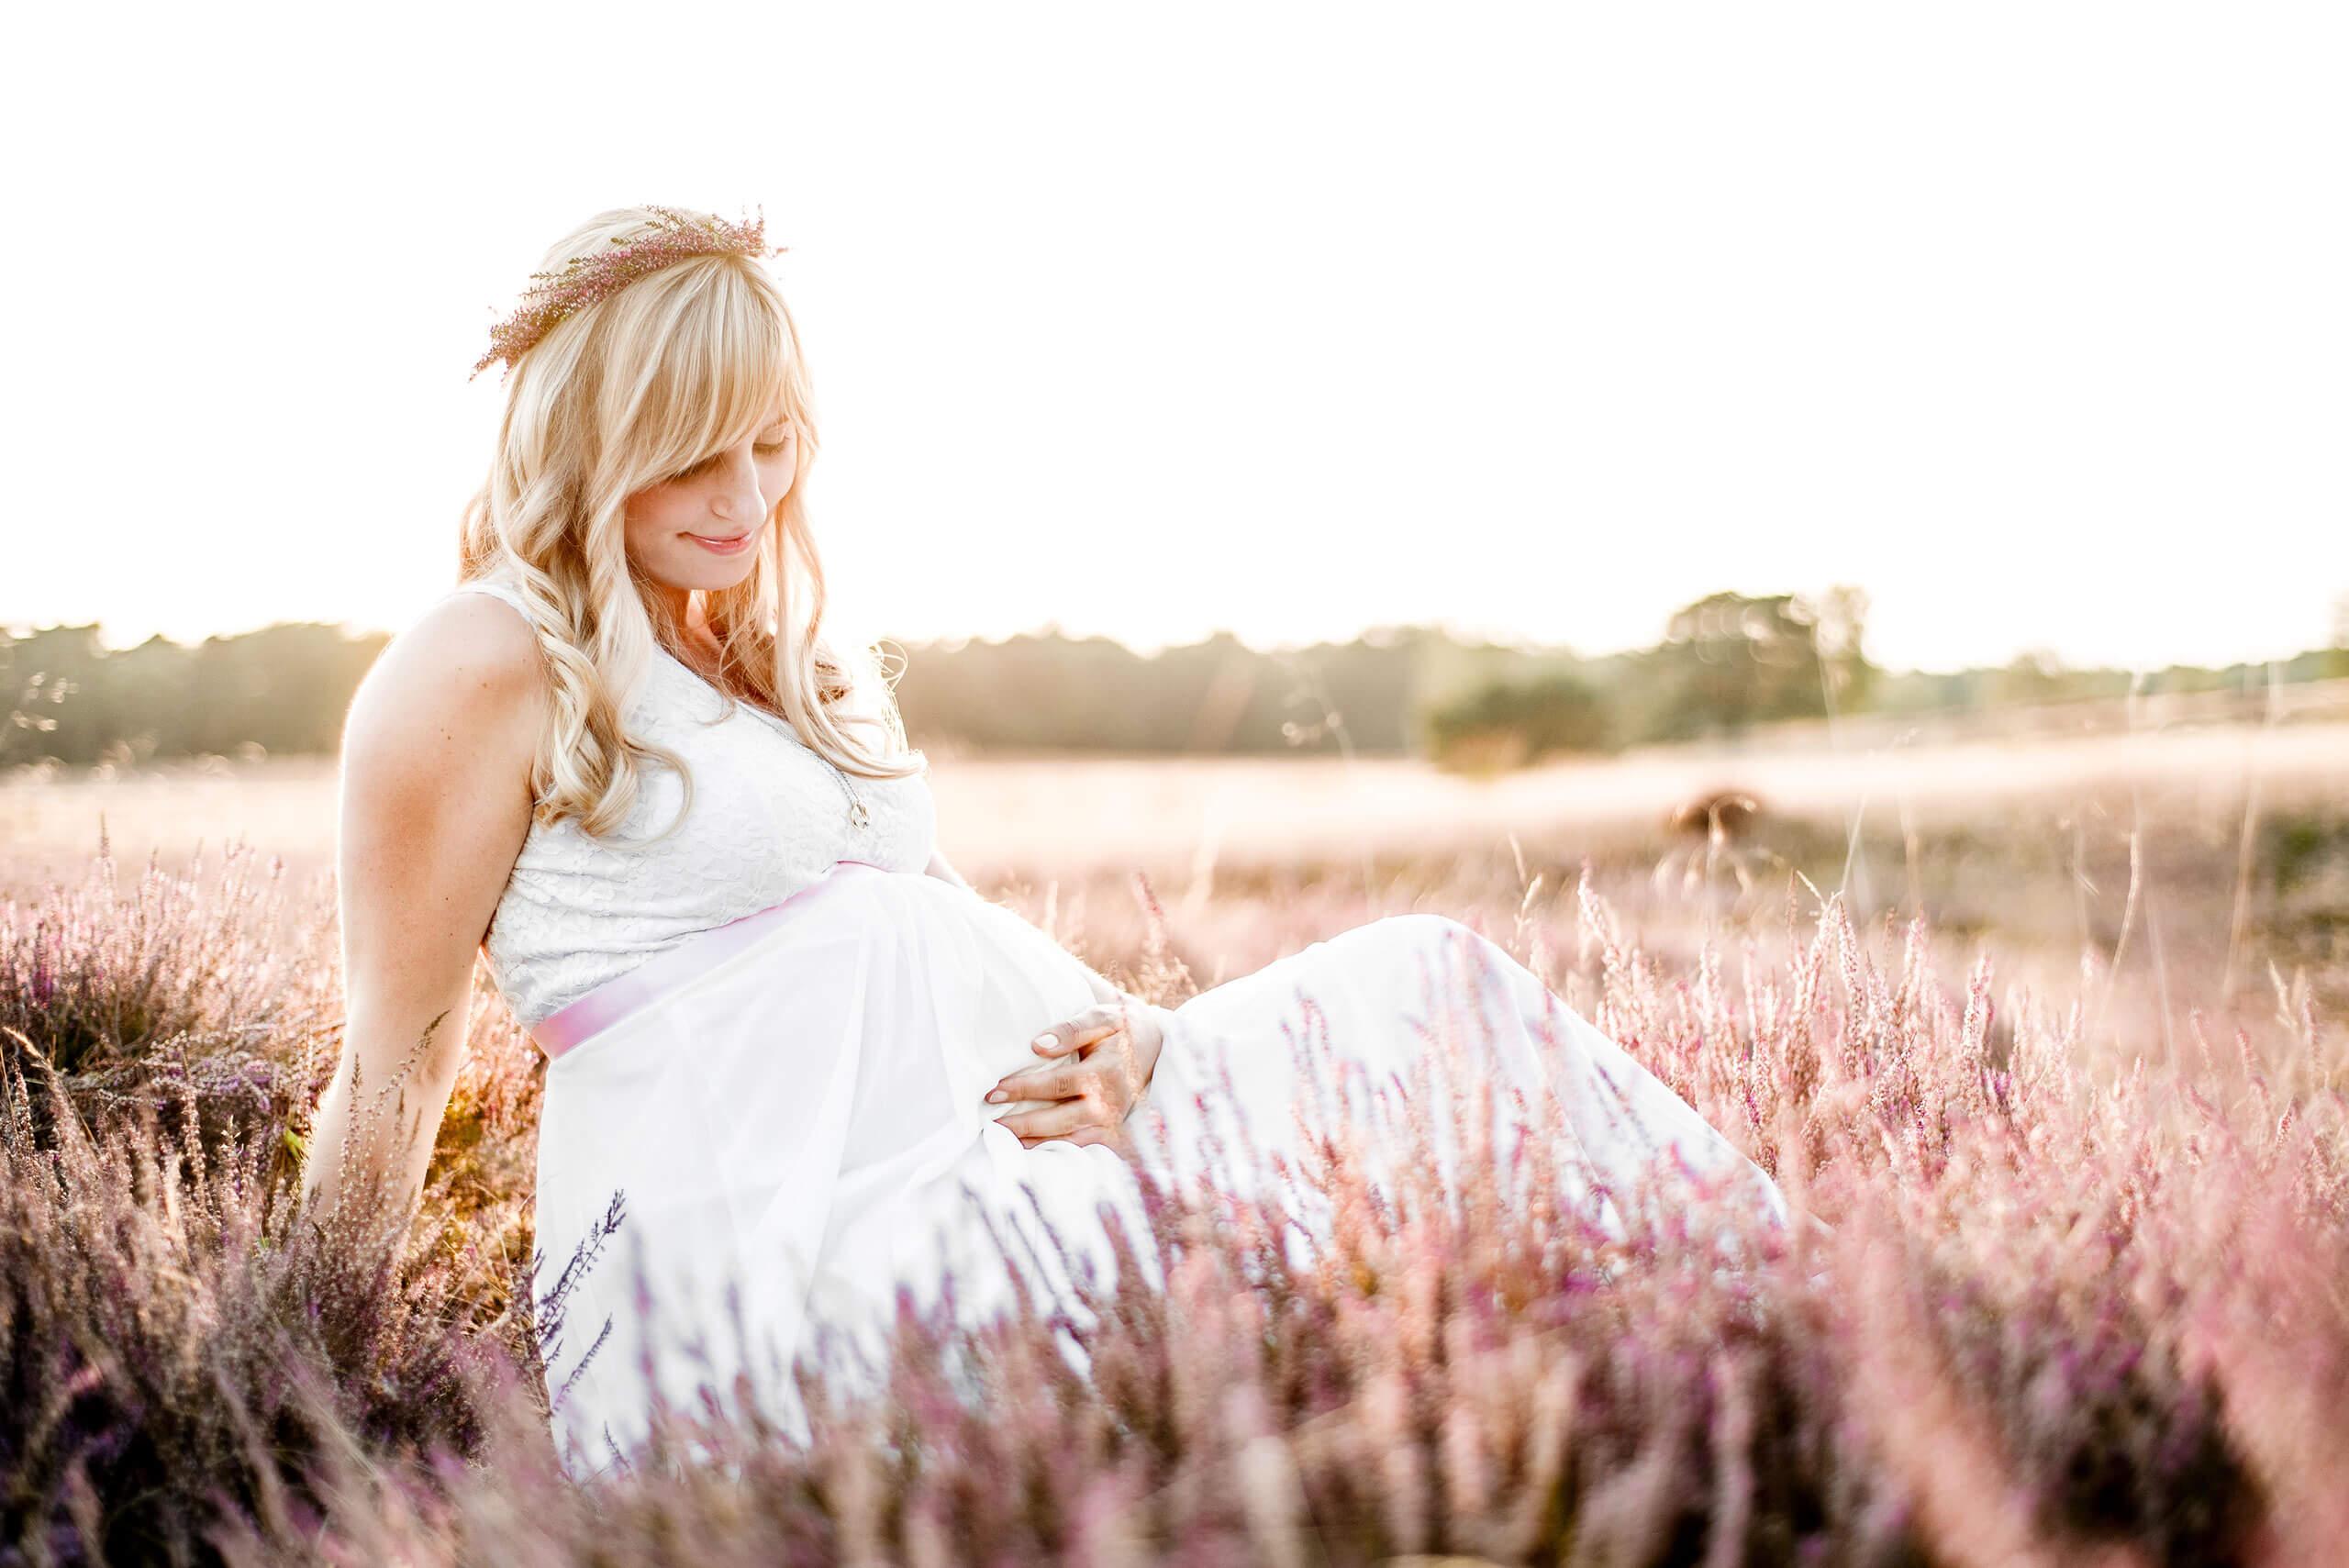 Schwangerschaftsbilder Hamm